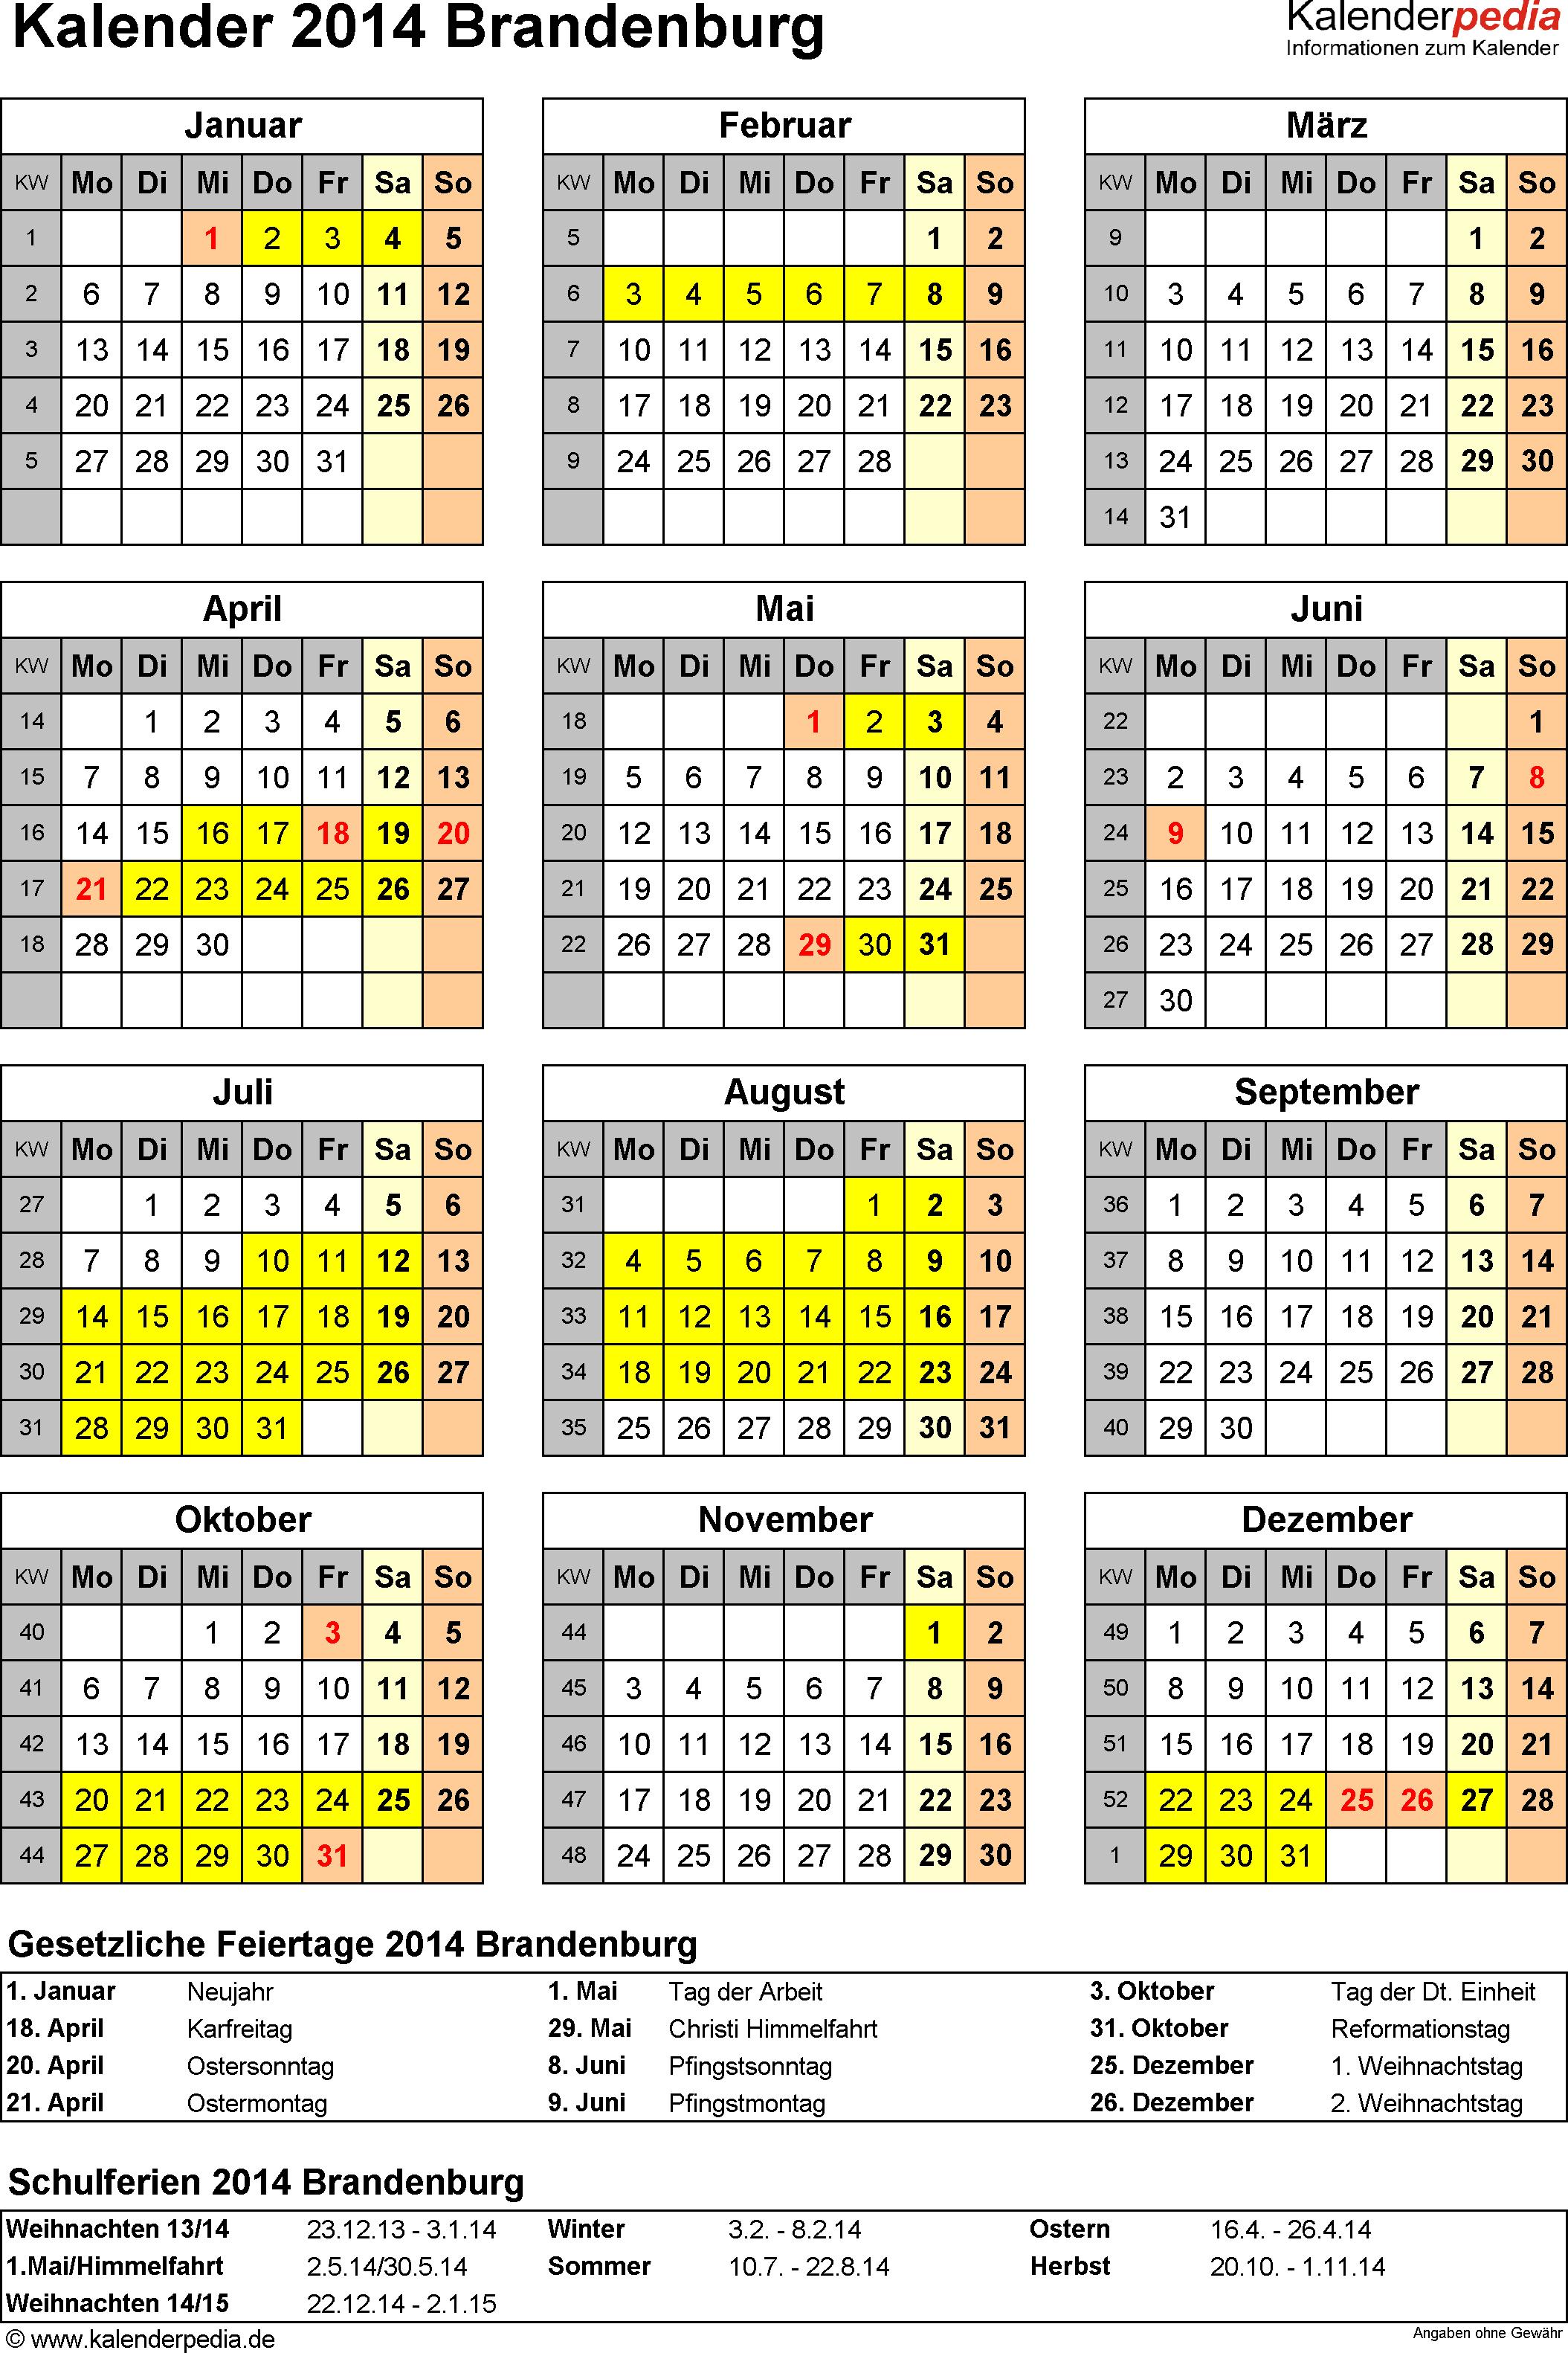 Vorlage 4: Kalender Brandenburg 2014 als Excel-Vorlage (Hochformat)